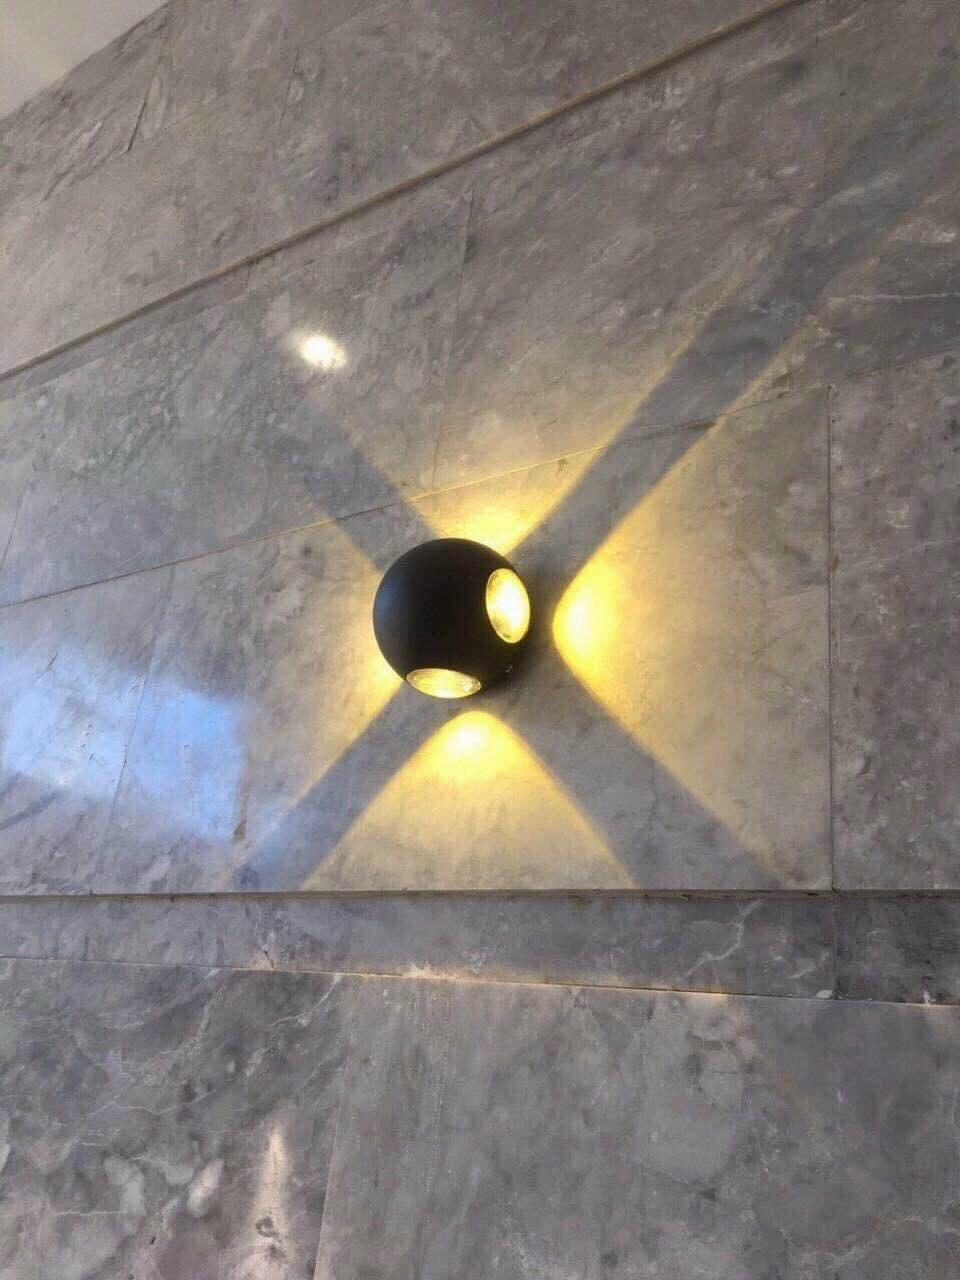 den an tuong 4 tia - Đèn gắn tường ngoài trời 4 tia